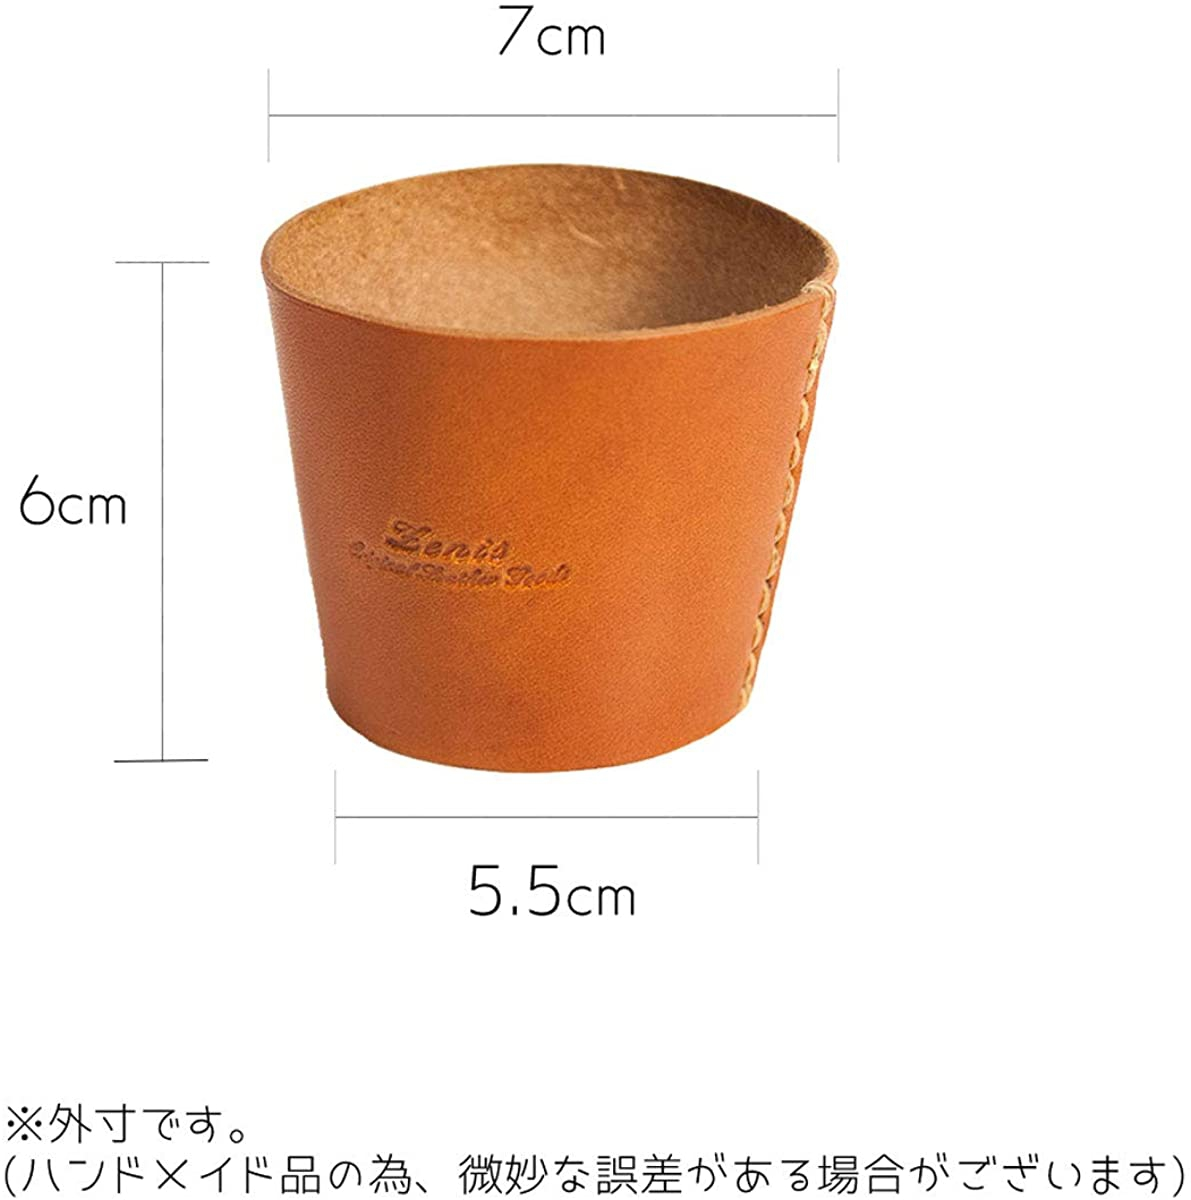 Zenis(ゼニス)ナチュラルレザー カップホルダー B-0127の商品画像3